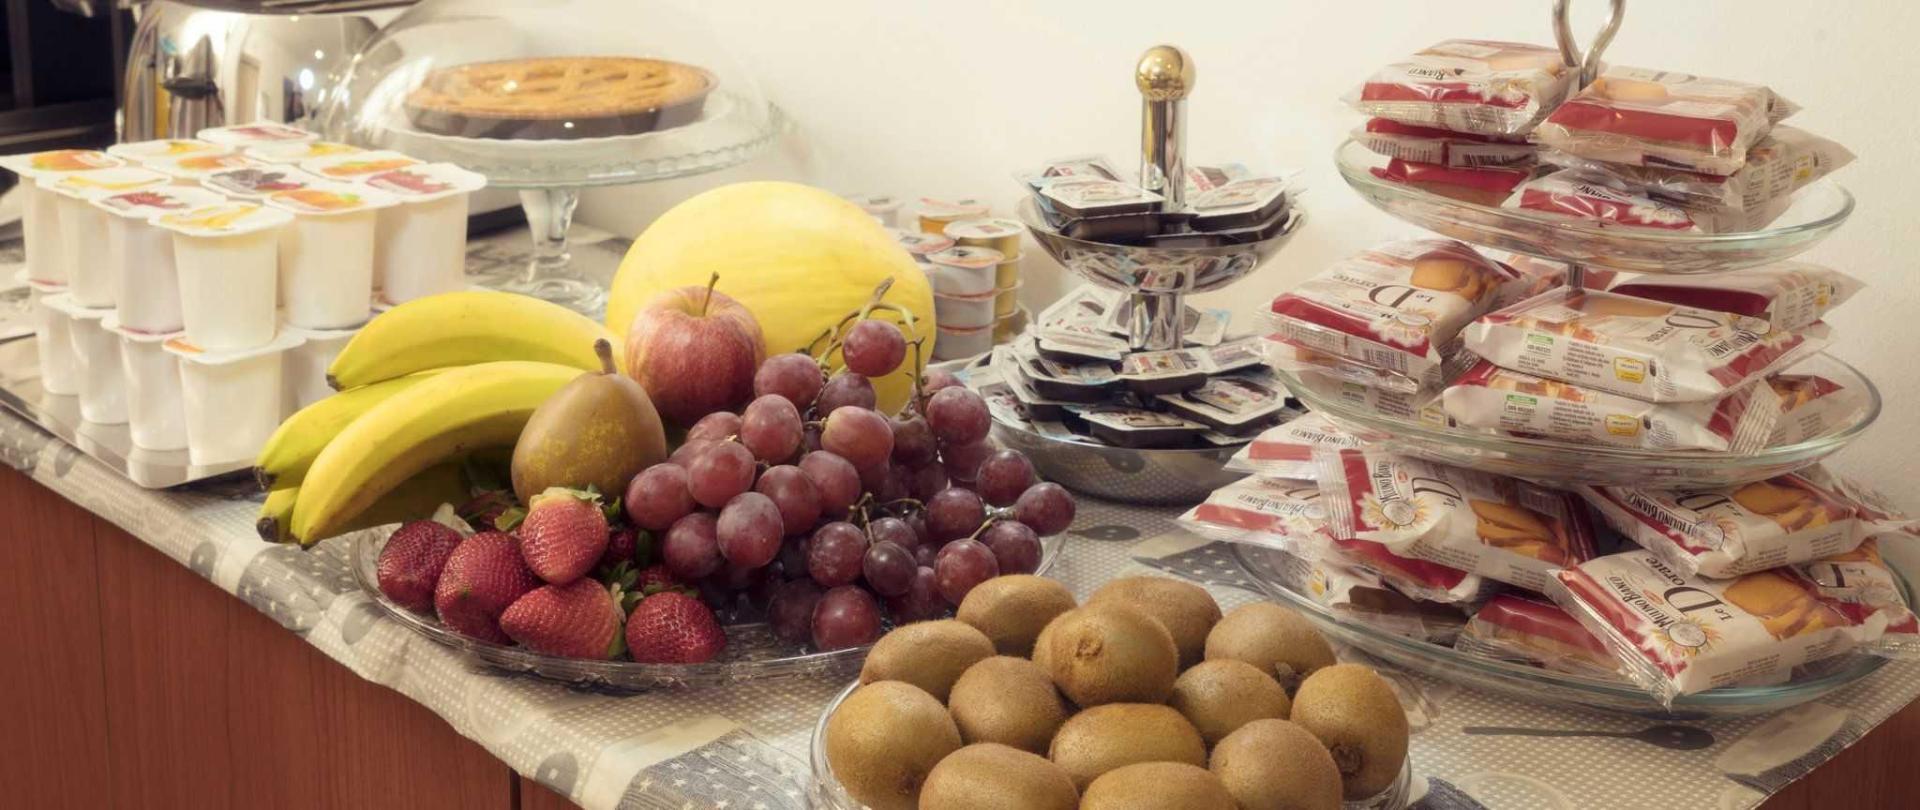 breakfast-07-1.jpg